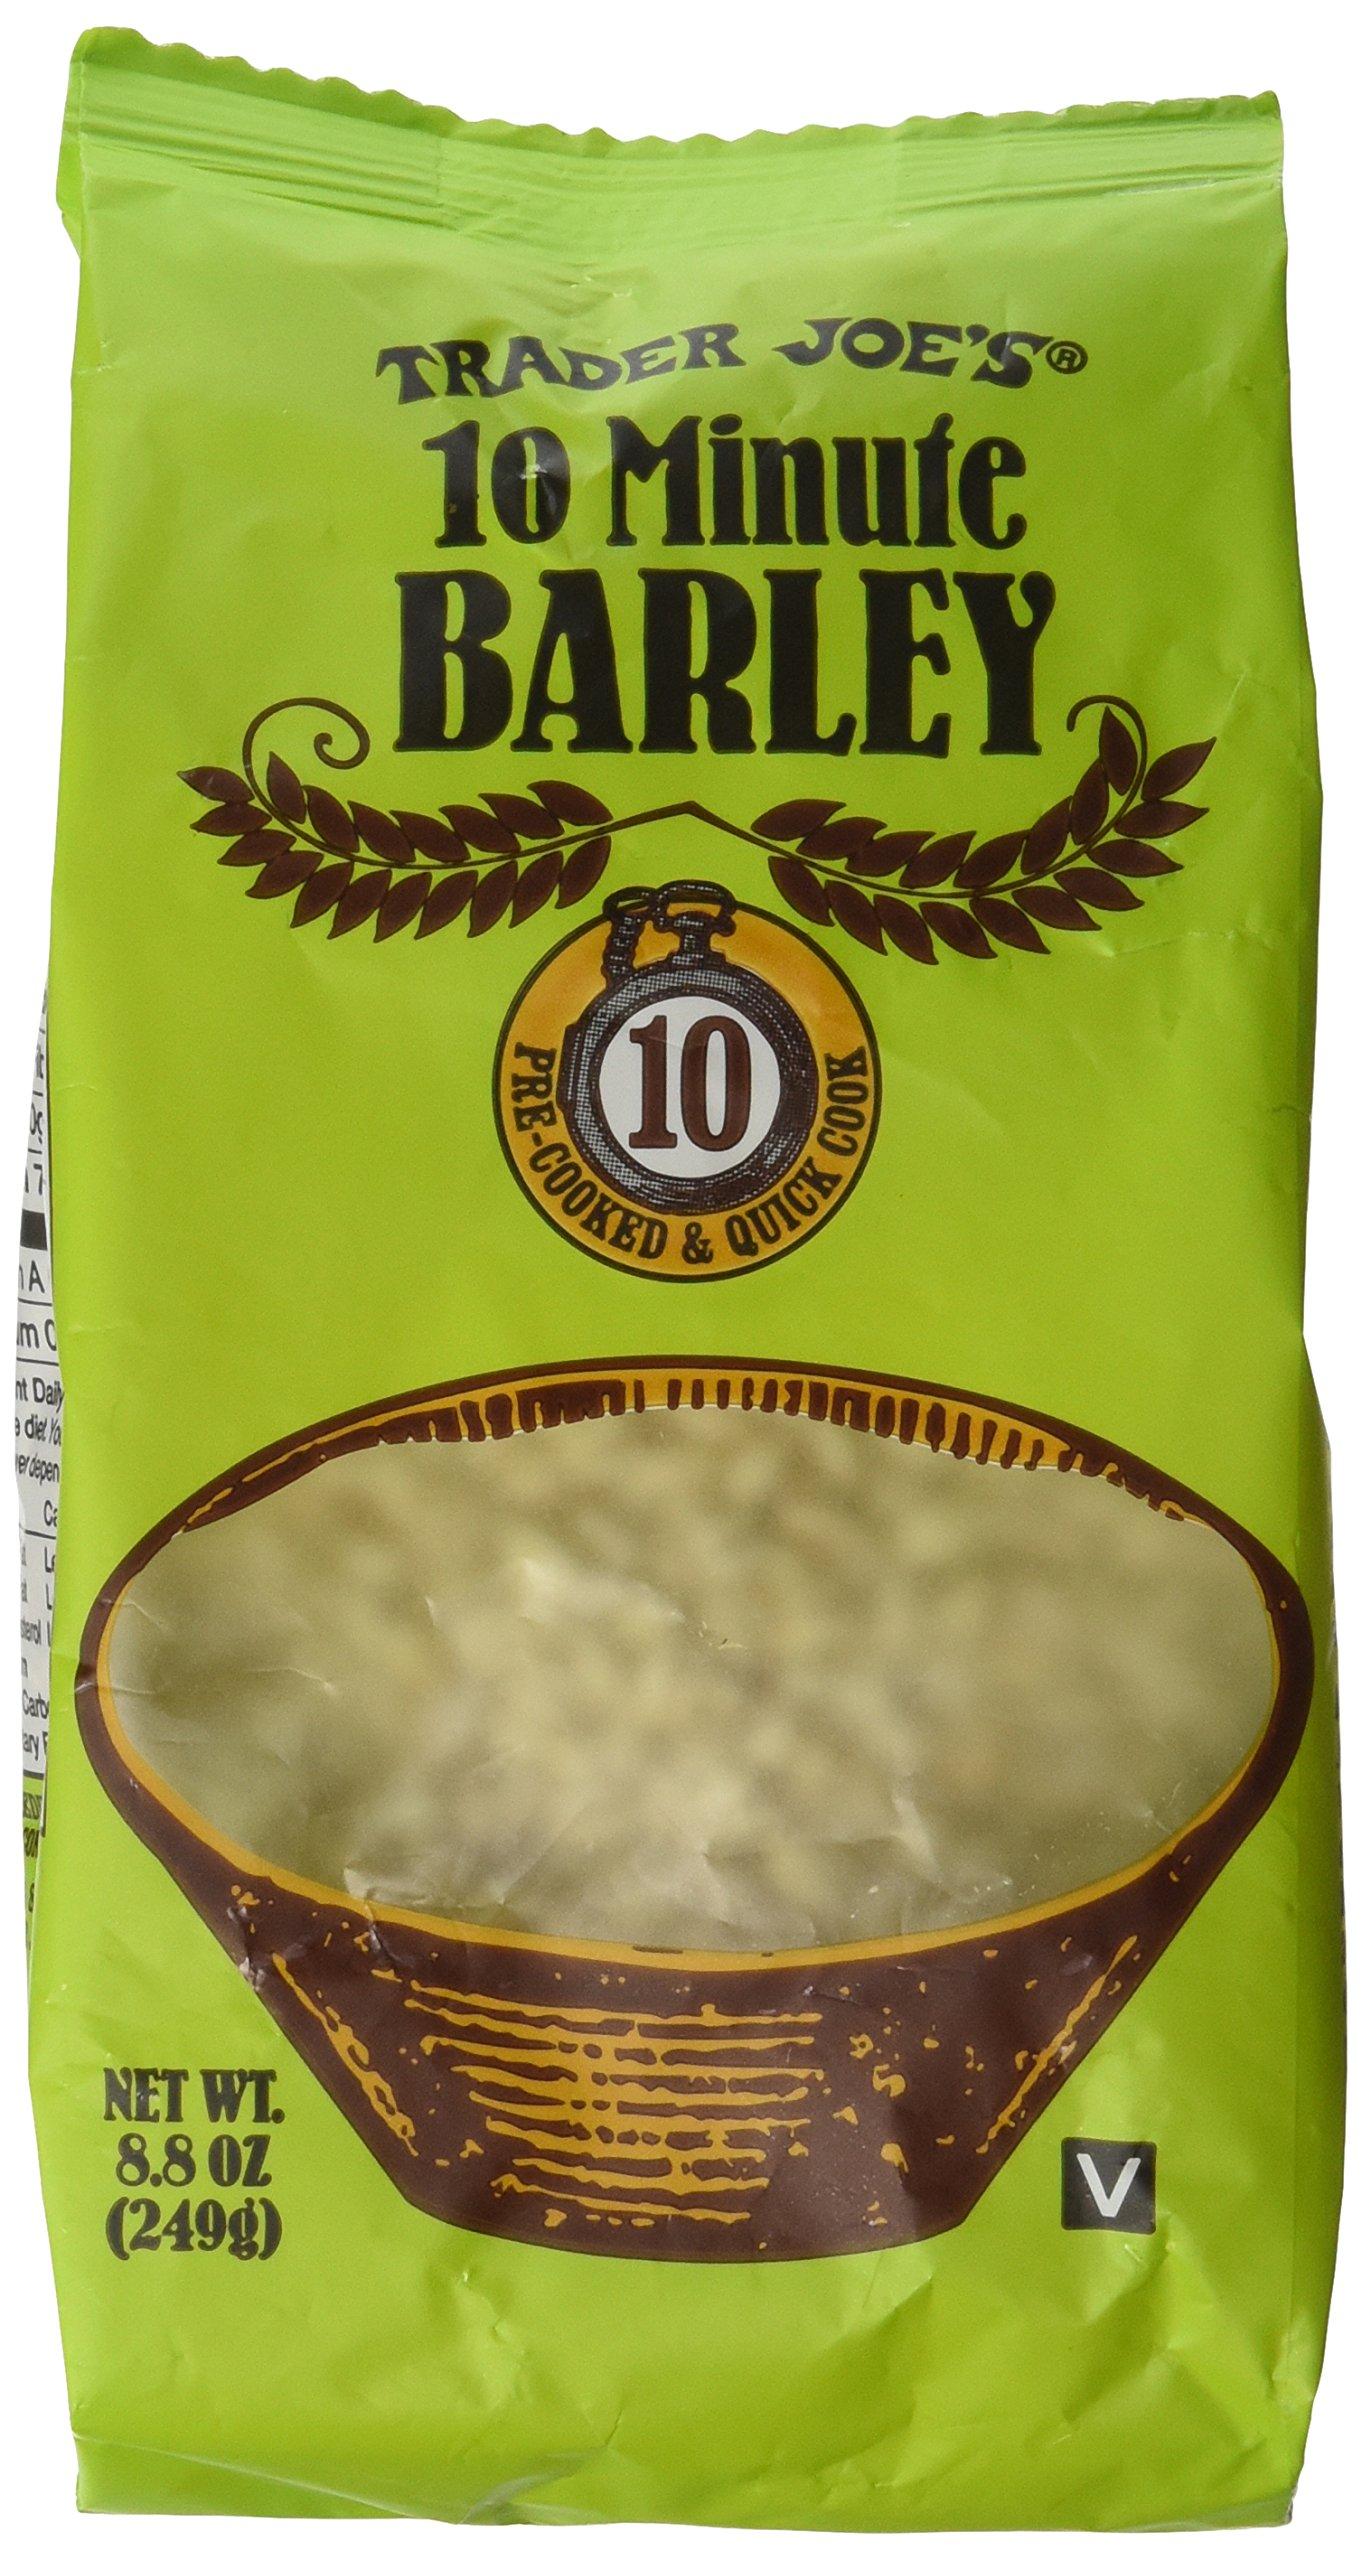 Trader Joe's 10 Minute Barley (Pack of 2) by Trader Joe's (Image #1)